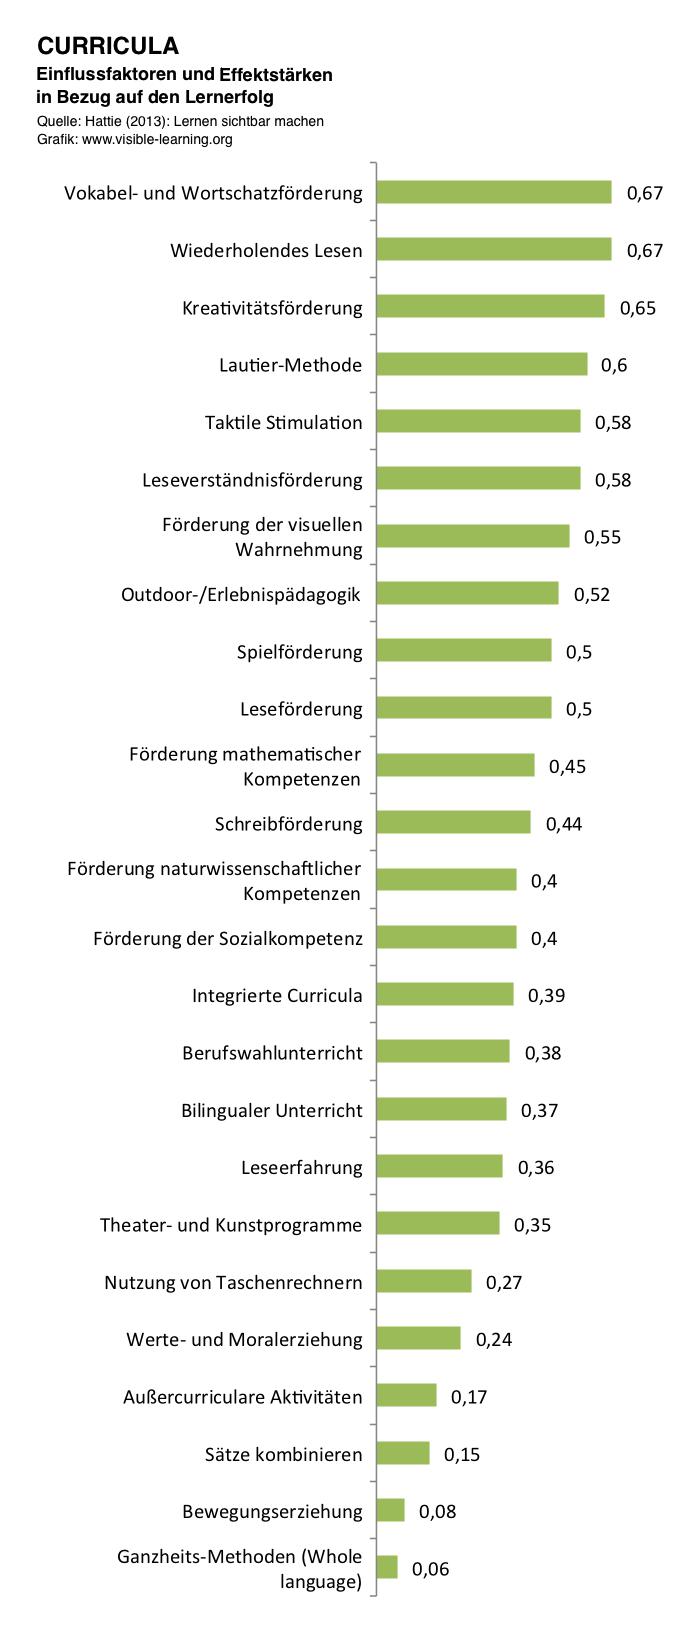 CURRICULA_hattie-studie-lernen-sichtbar-machen-rangliste-effektstaerken-einflussfaktoren-deutsch